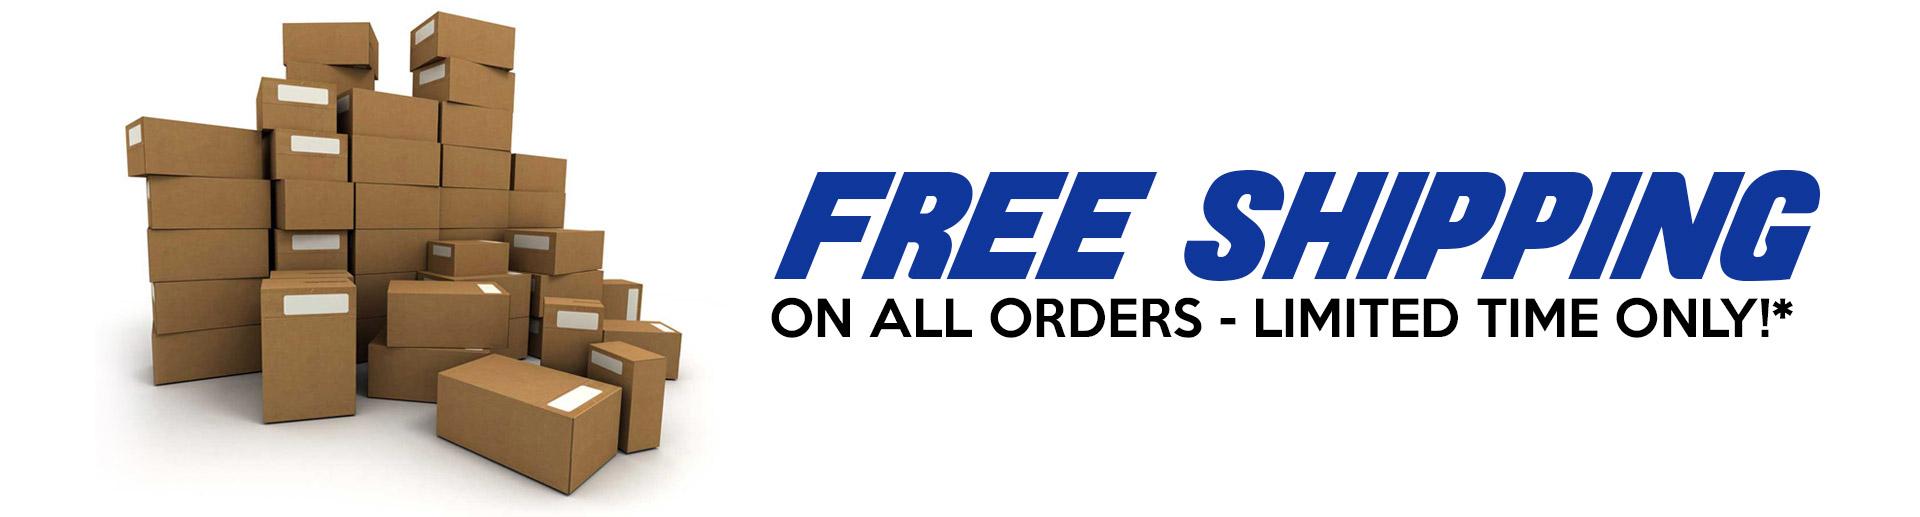 Free Shipping At HyundaiShop